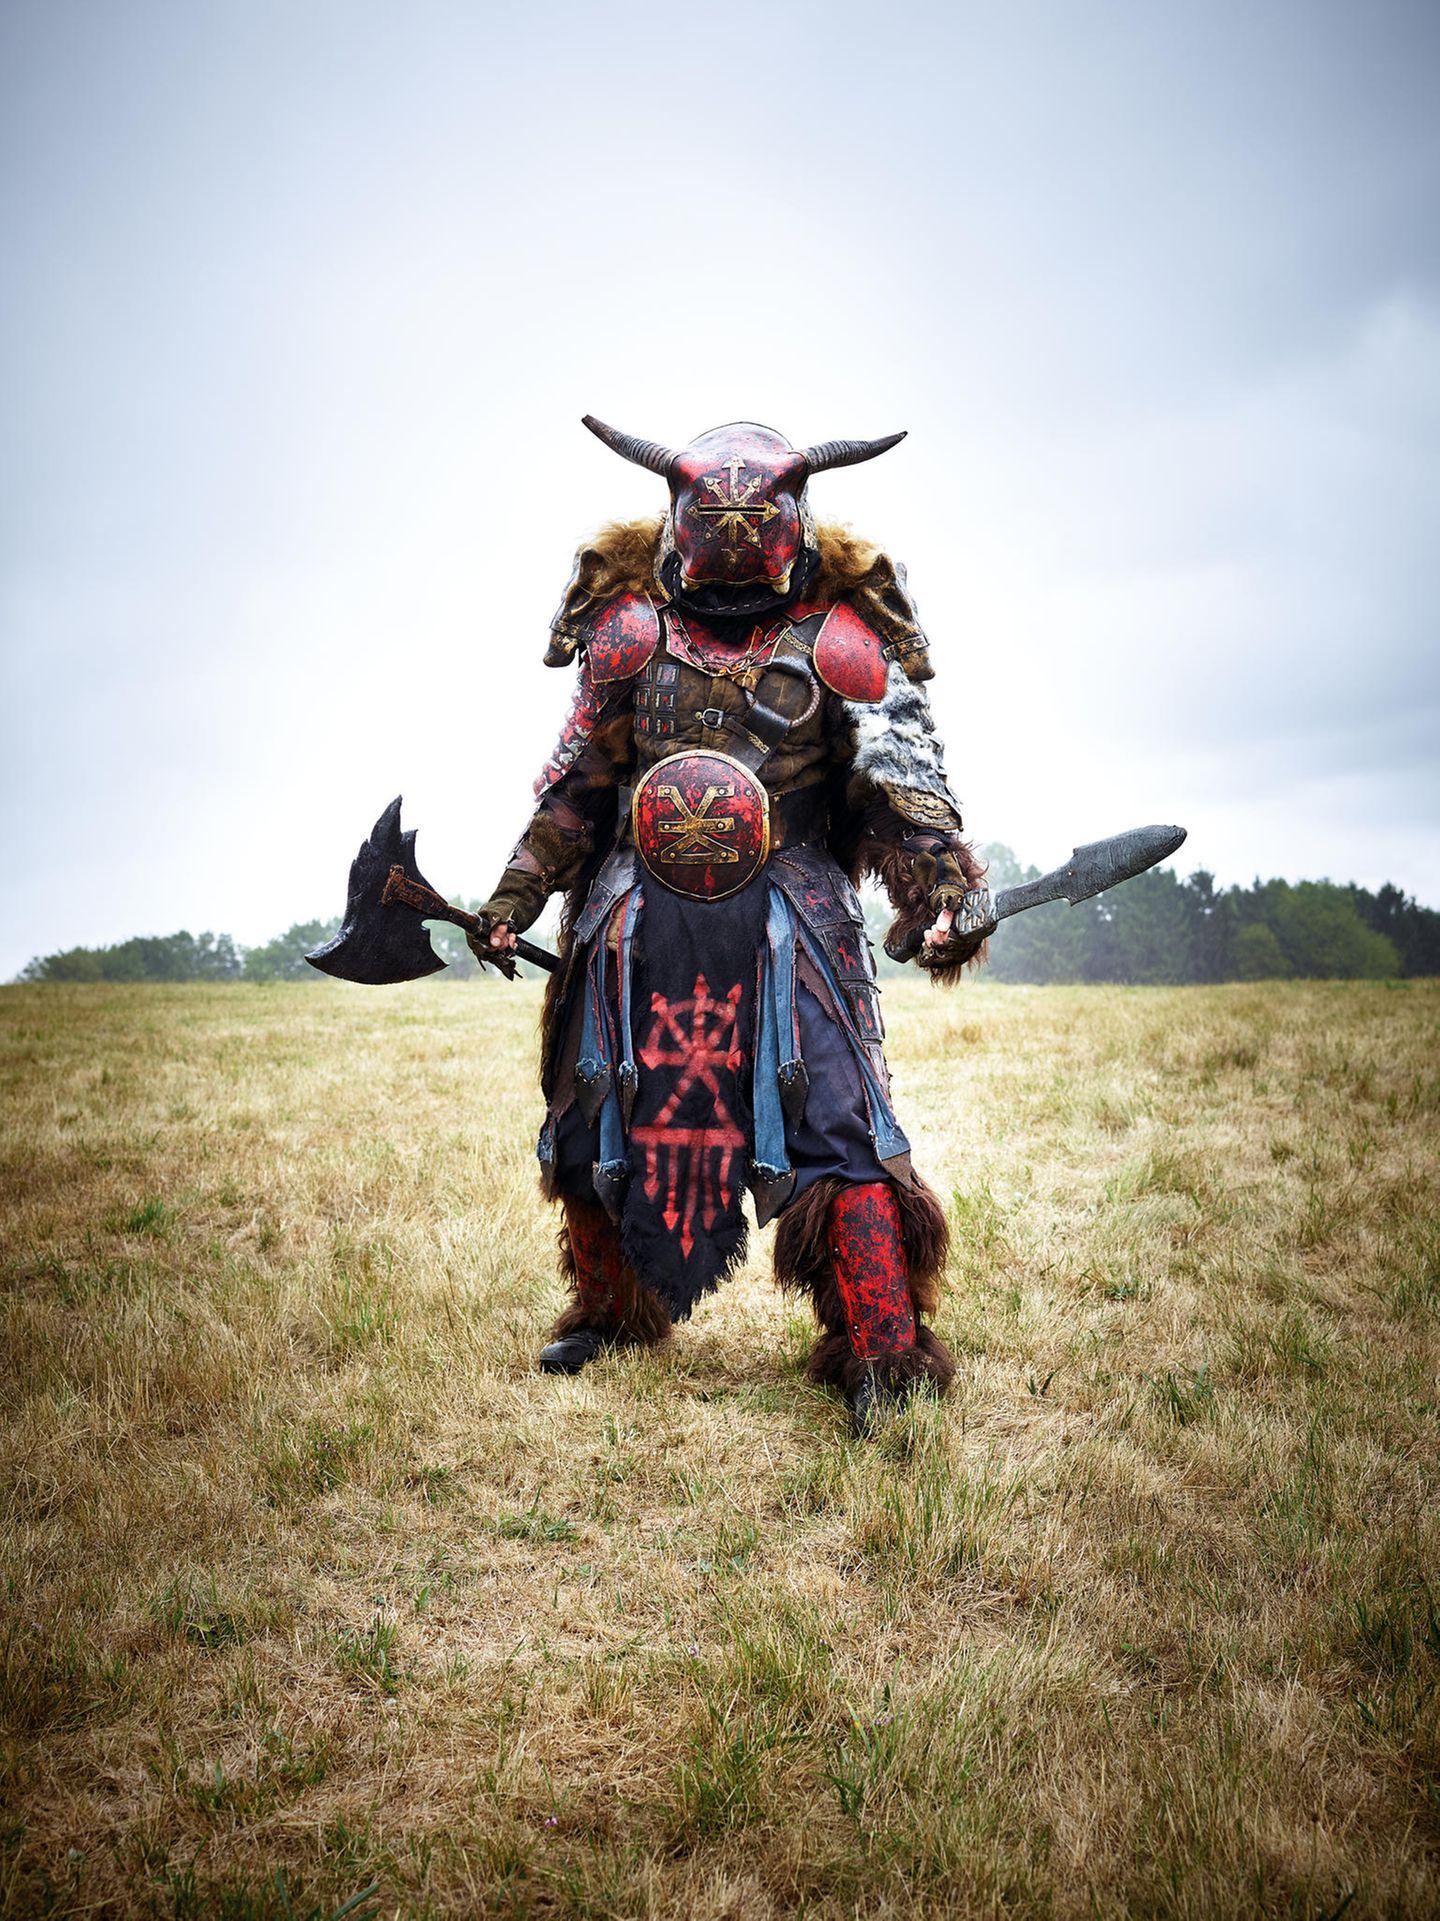 """""""Rhokas"""" – Krieger. Im """"Epic Empires""""-Spektakel ringen Völker miteinander – aber immer so, dass es nicht richtig wehtut. Das Ganze spielt in einem Naturschutzgebiet bei Bexbach im Saarland. Dieses Kostüm hat um die 4000 Euro gekostet"""